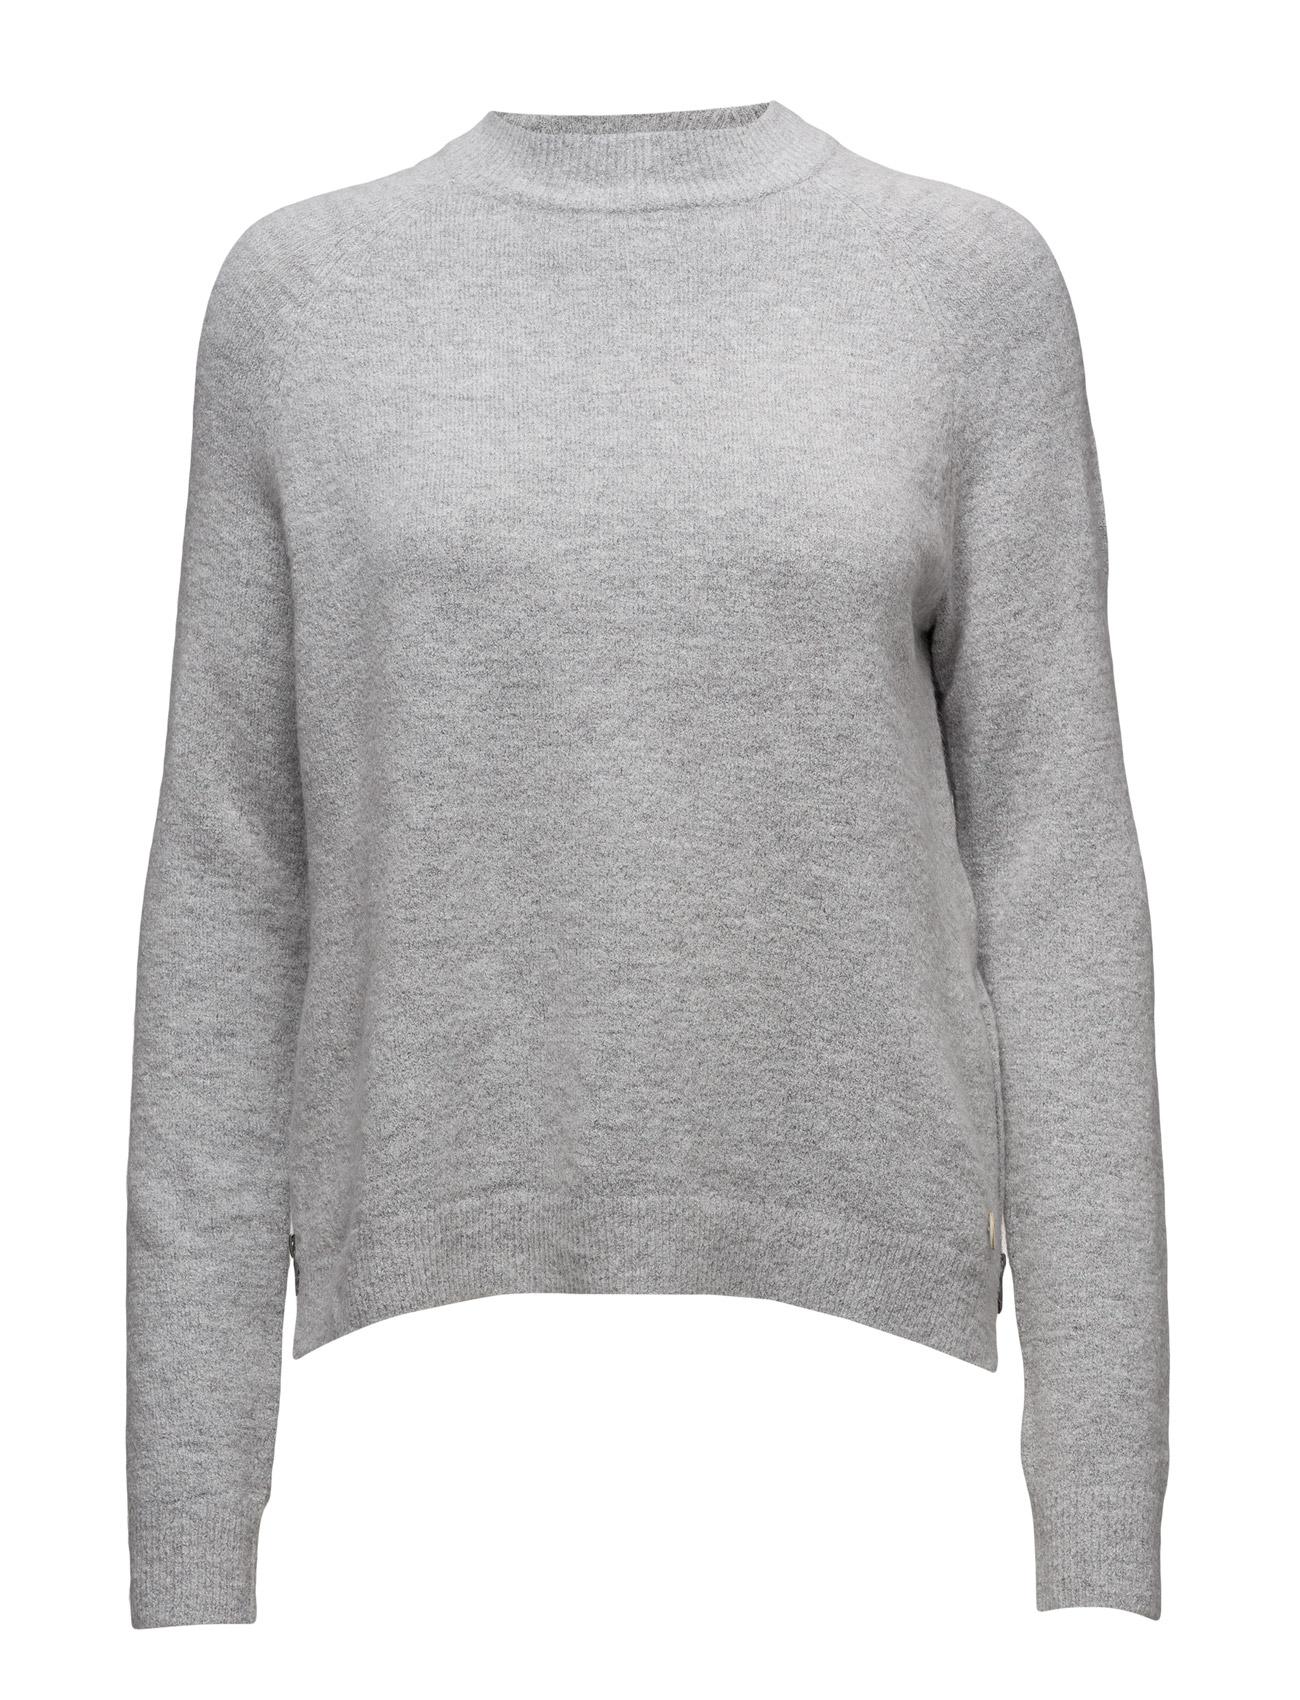 High Neck Knit Lee Jeans Sweatshirts til Damer i